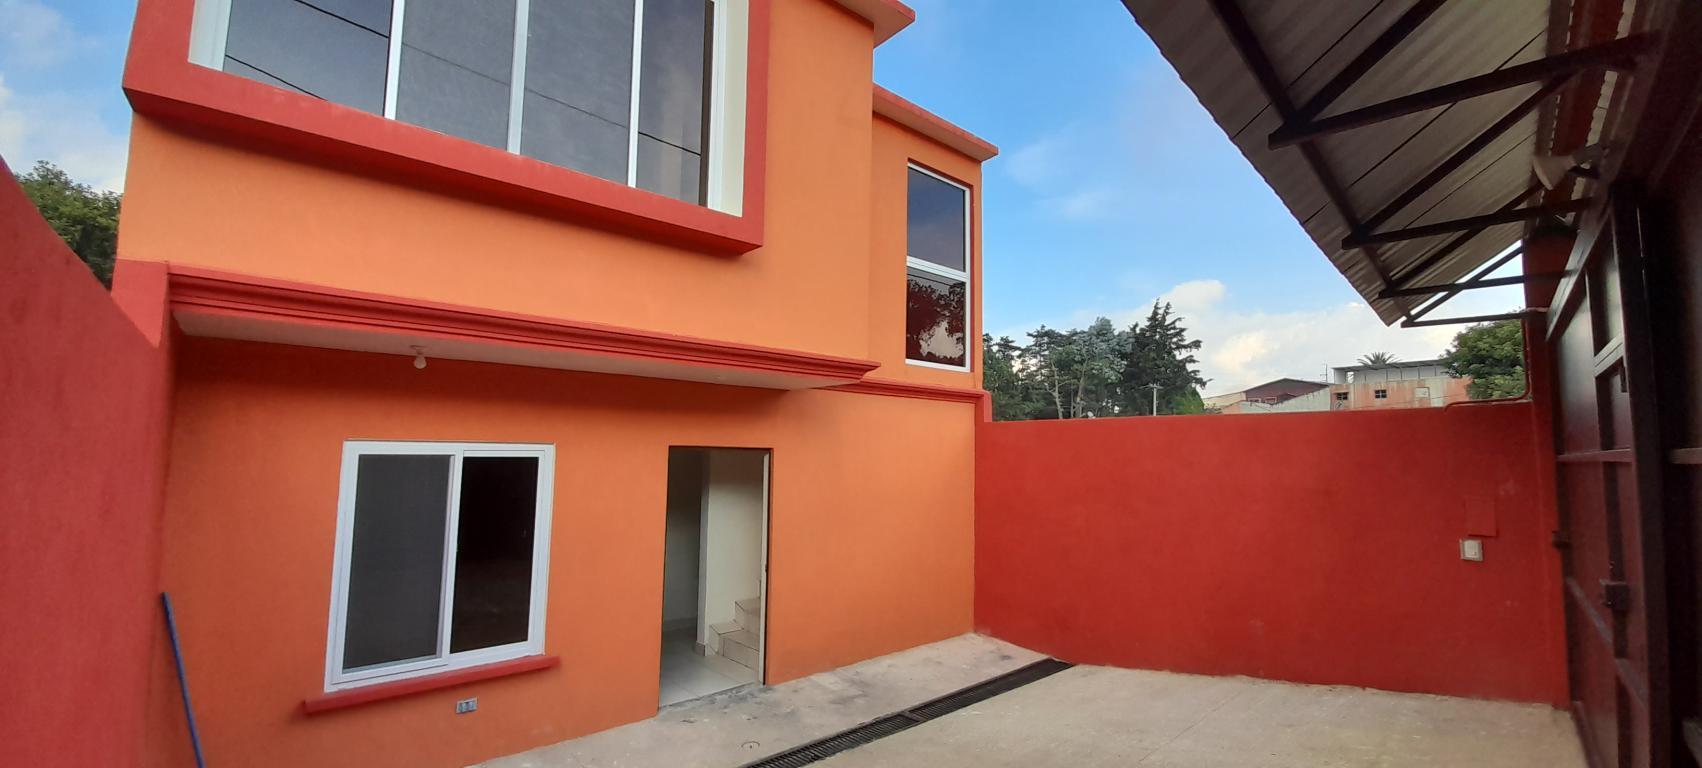 CityMax Antigua Vende casa a metros de CA-Interamericana Santiago Sacatepéquez